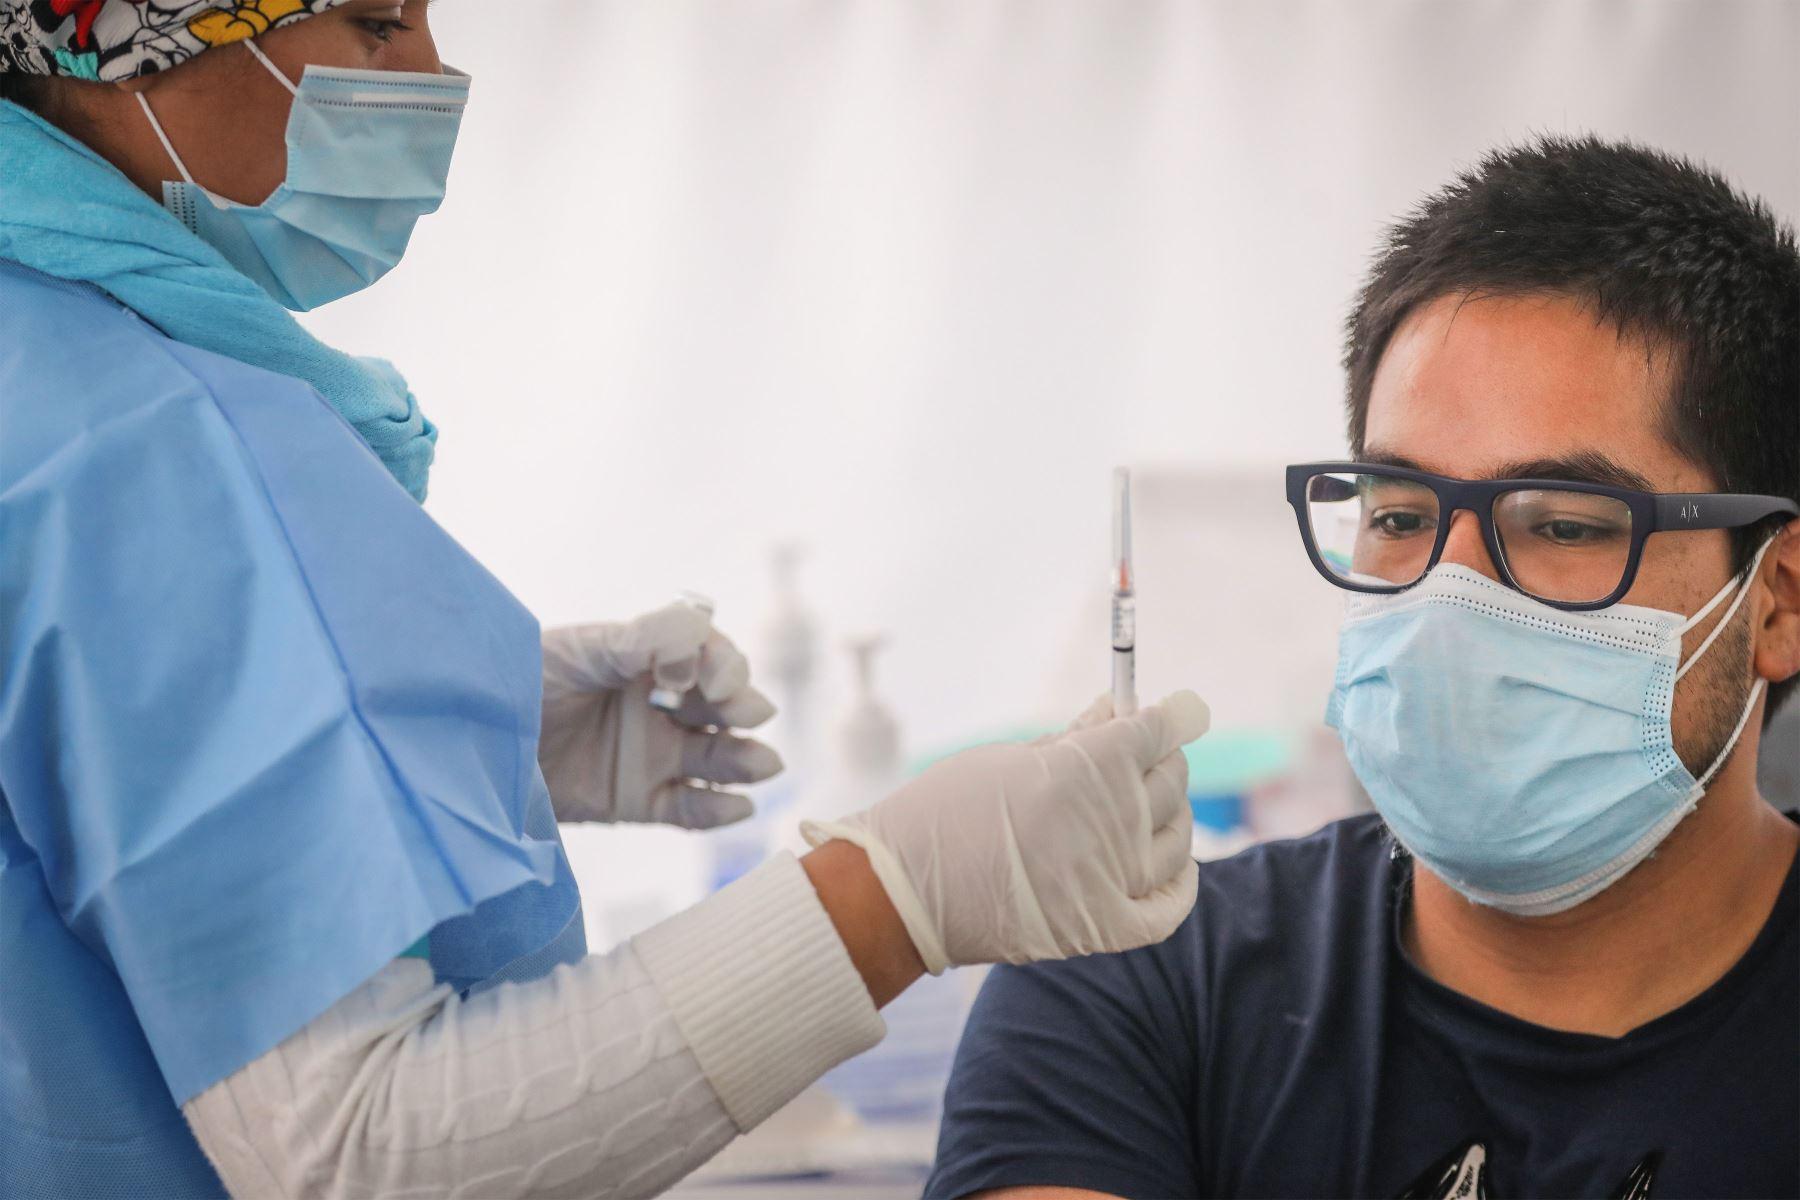 La población objetivo para recibir las vacunas contra la covid-19, según el Ministerio de Salud, son hombres y mujeres mayores de 12 años, que en el Perú son 28 millones 24,250 personas.  ANDINA/Andrés Valle